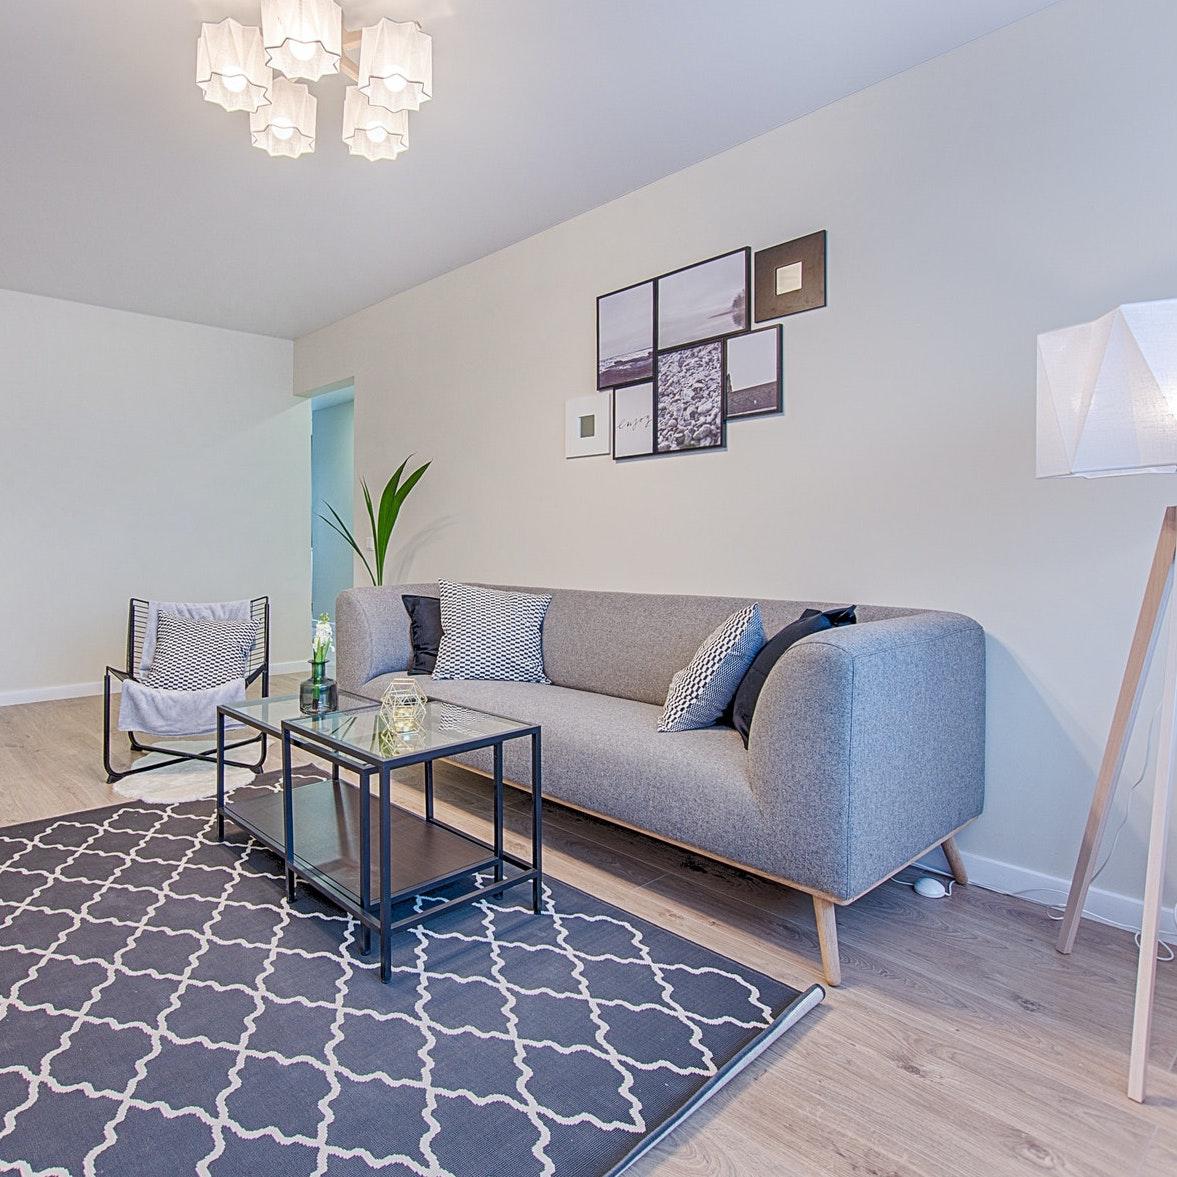 Wohnzimmer mit Teppich und grauem Parkett